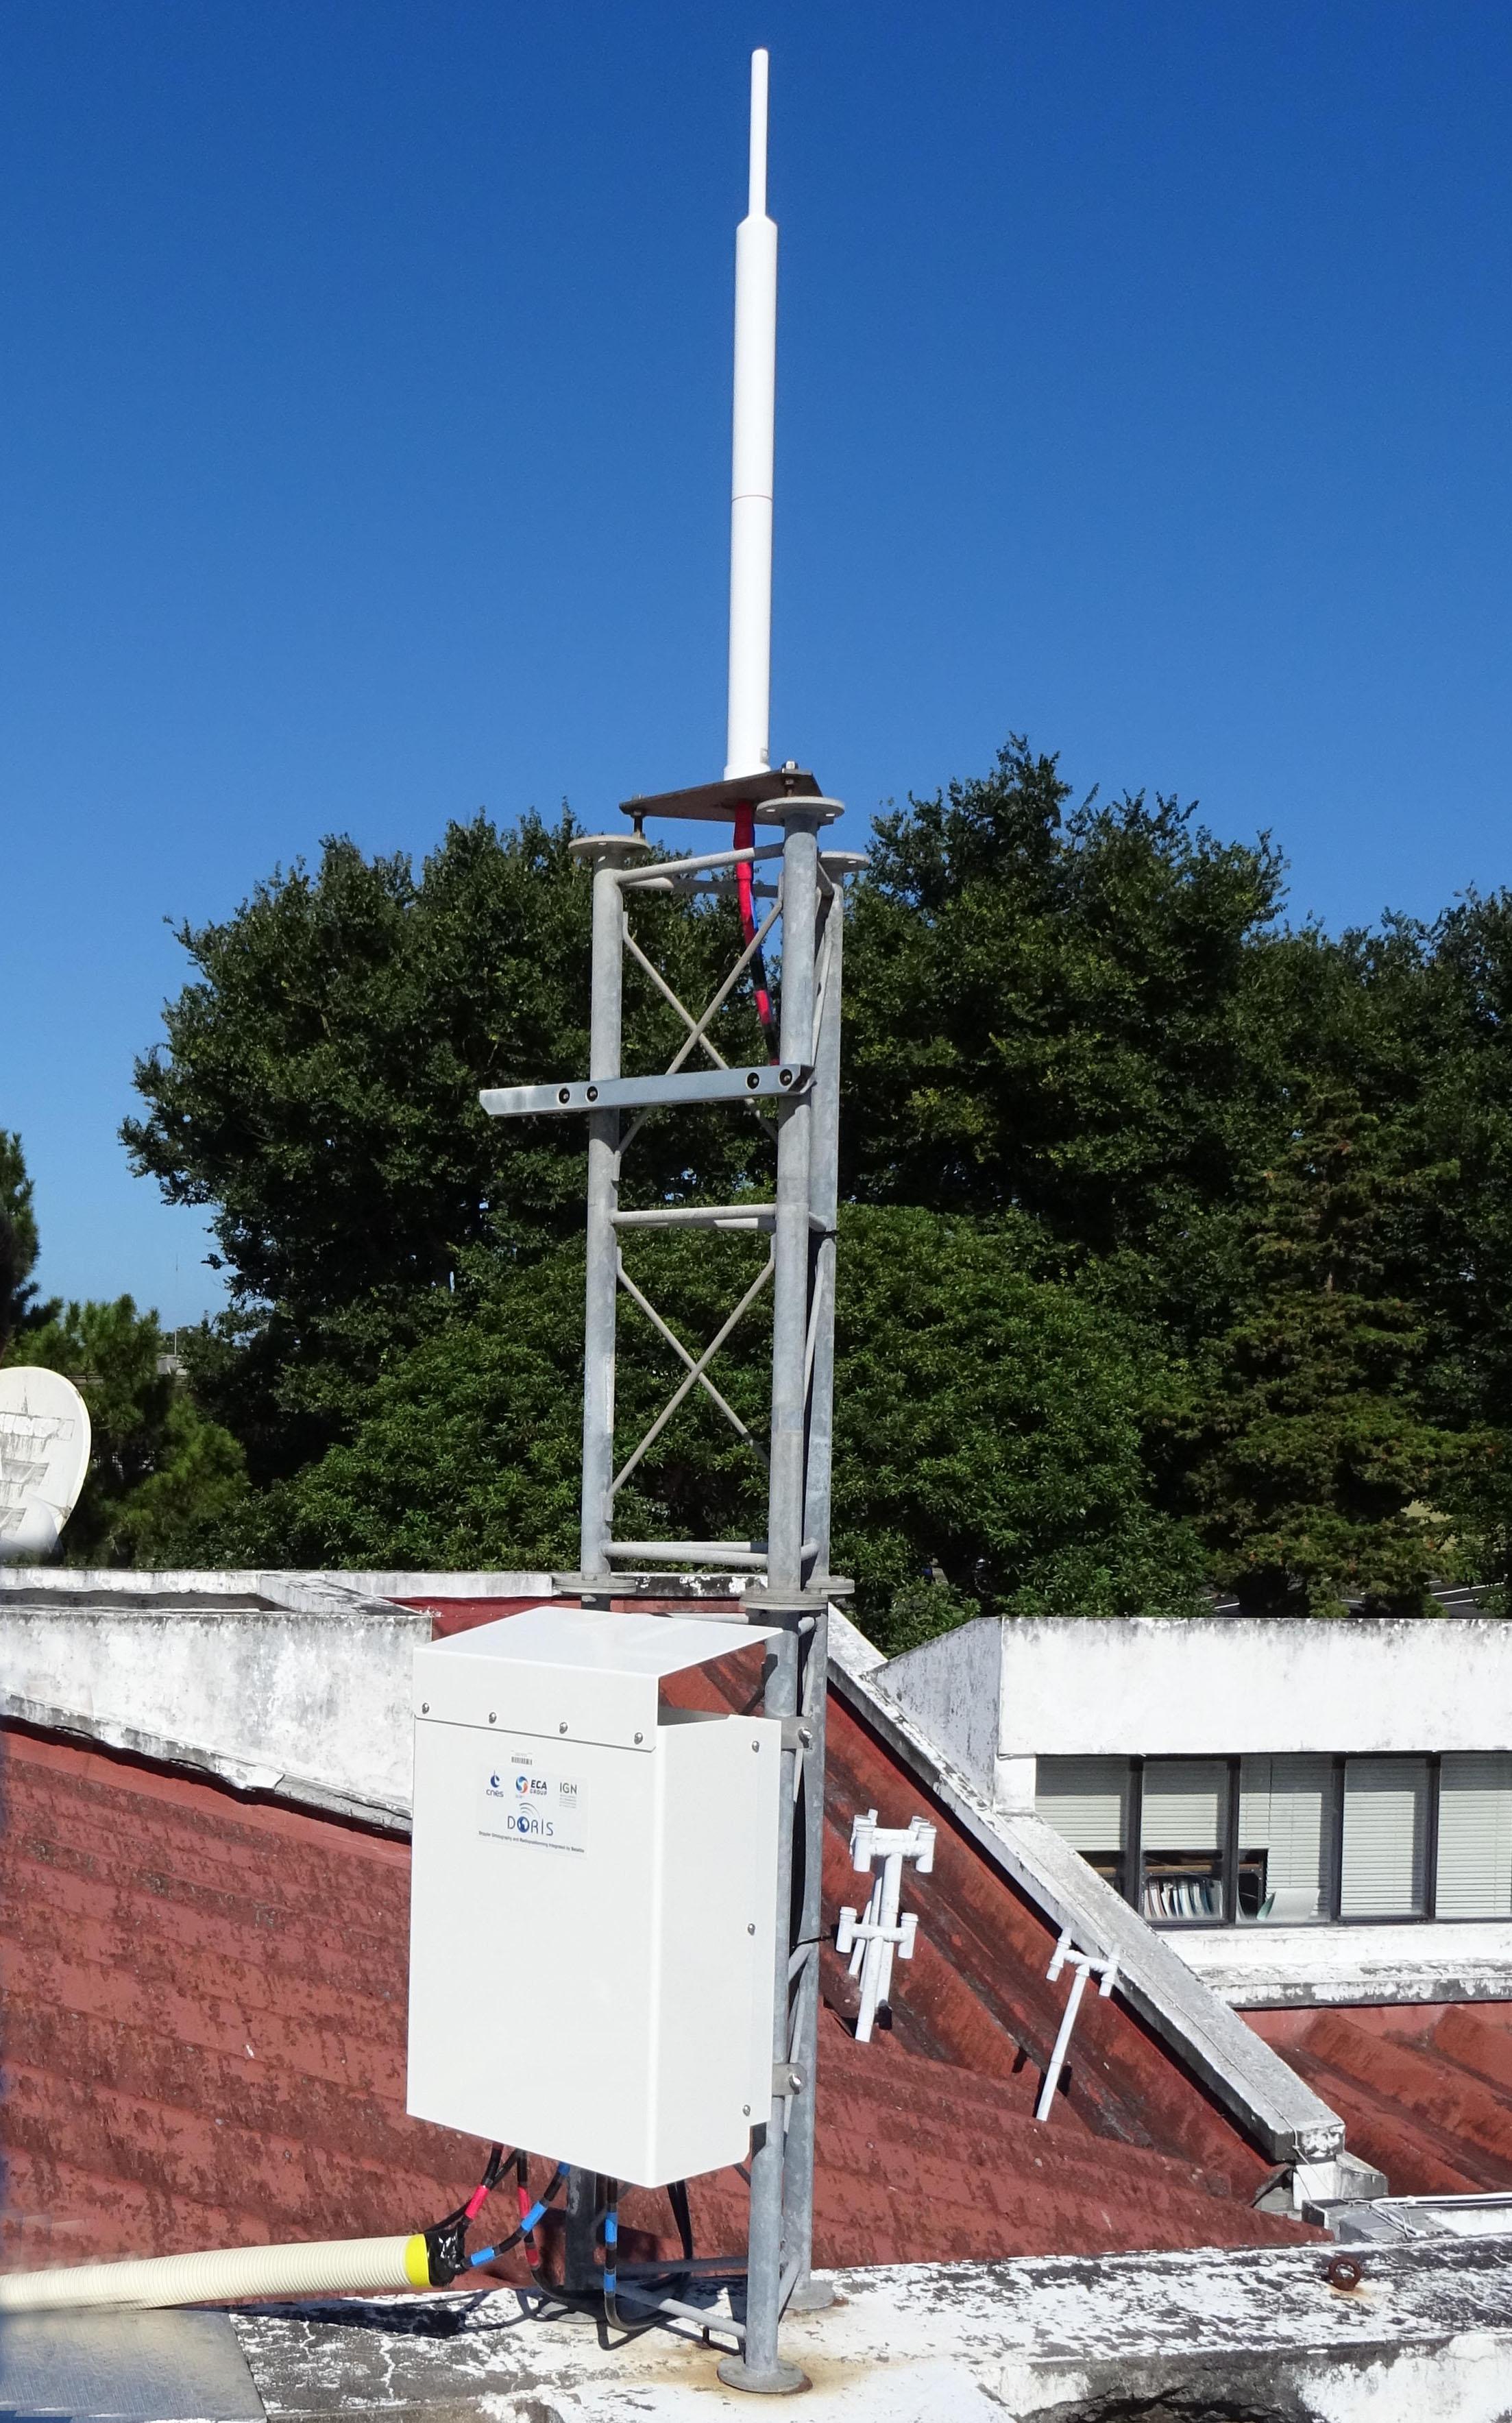 DORIS station: PONTA-DELGADA - PORTUGAL (Azores)